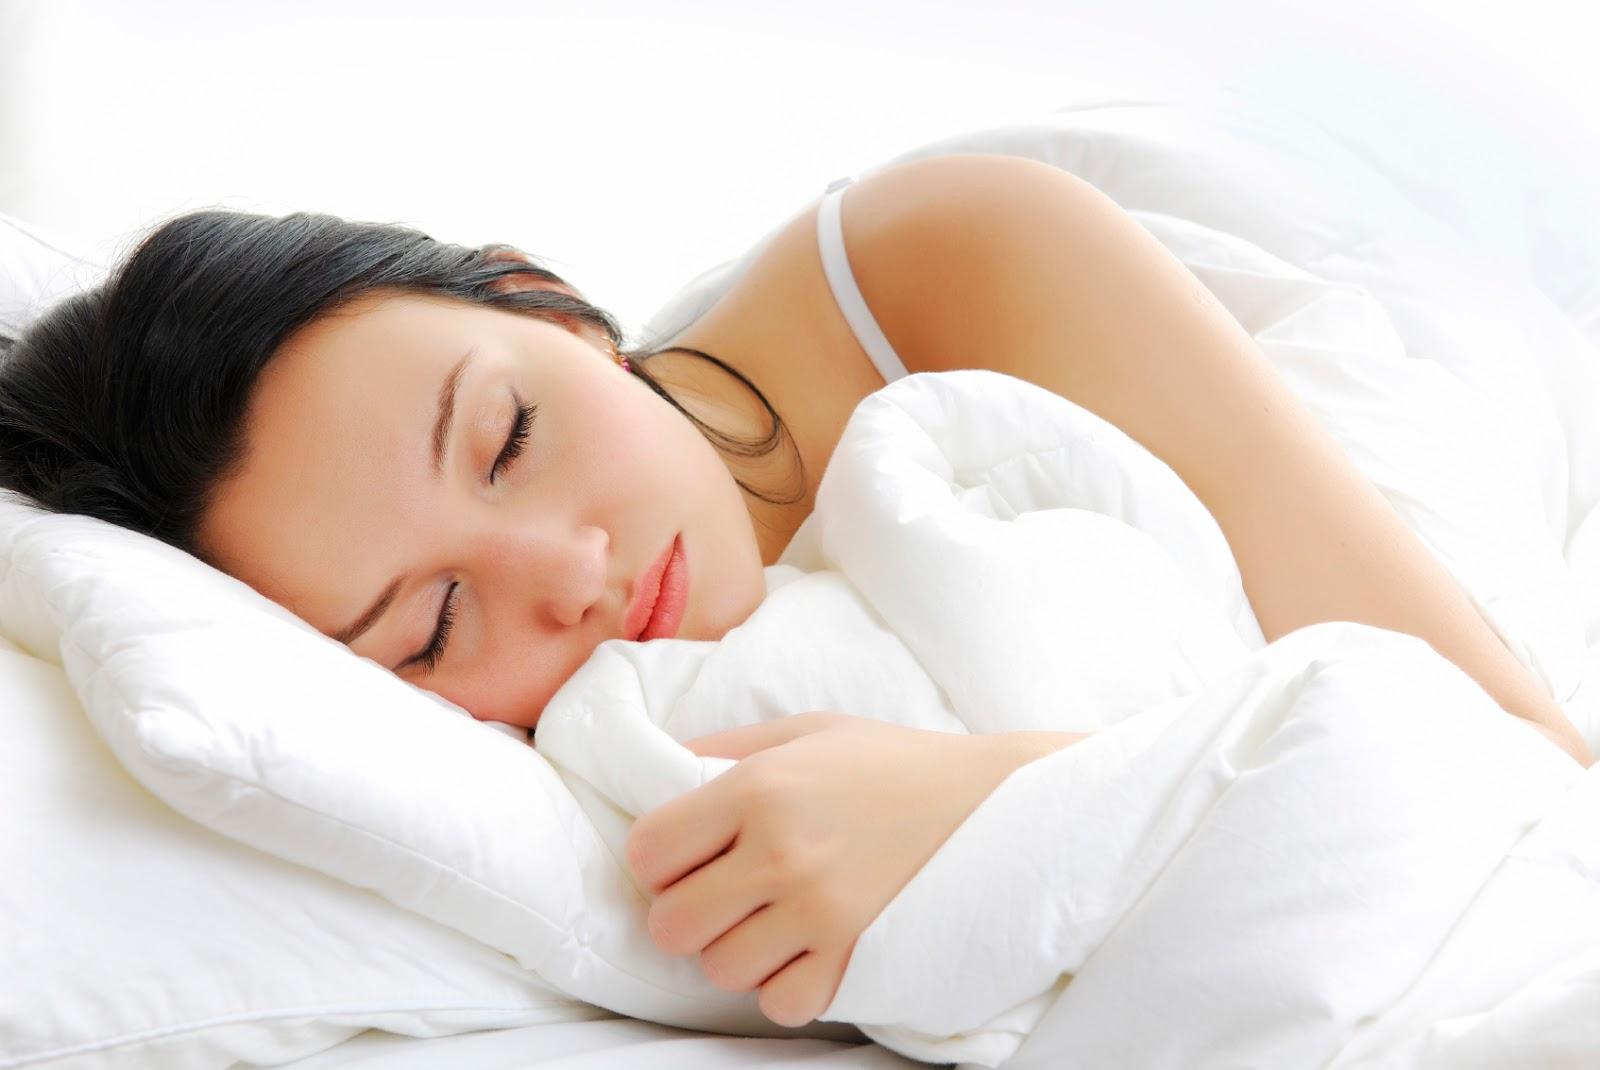 Ngủ sớm để ngừa thâm quầng mắt